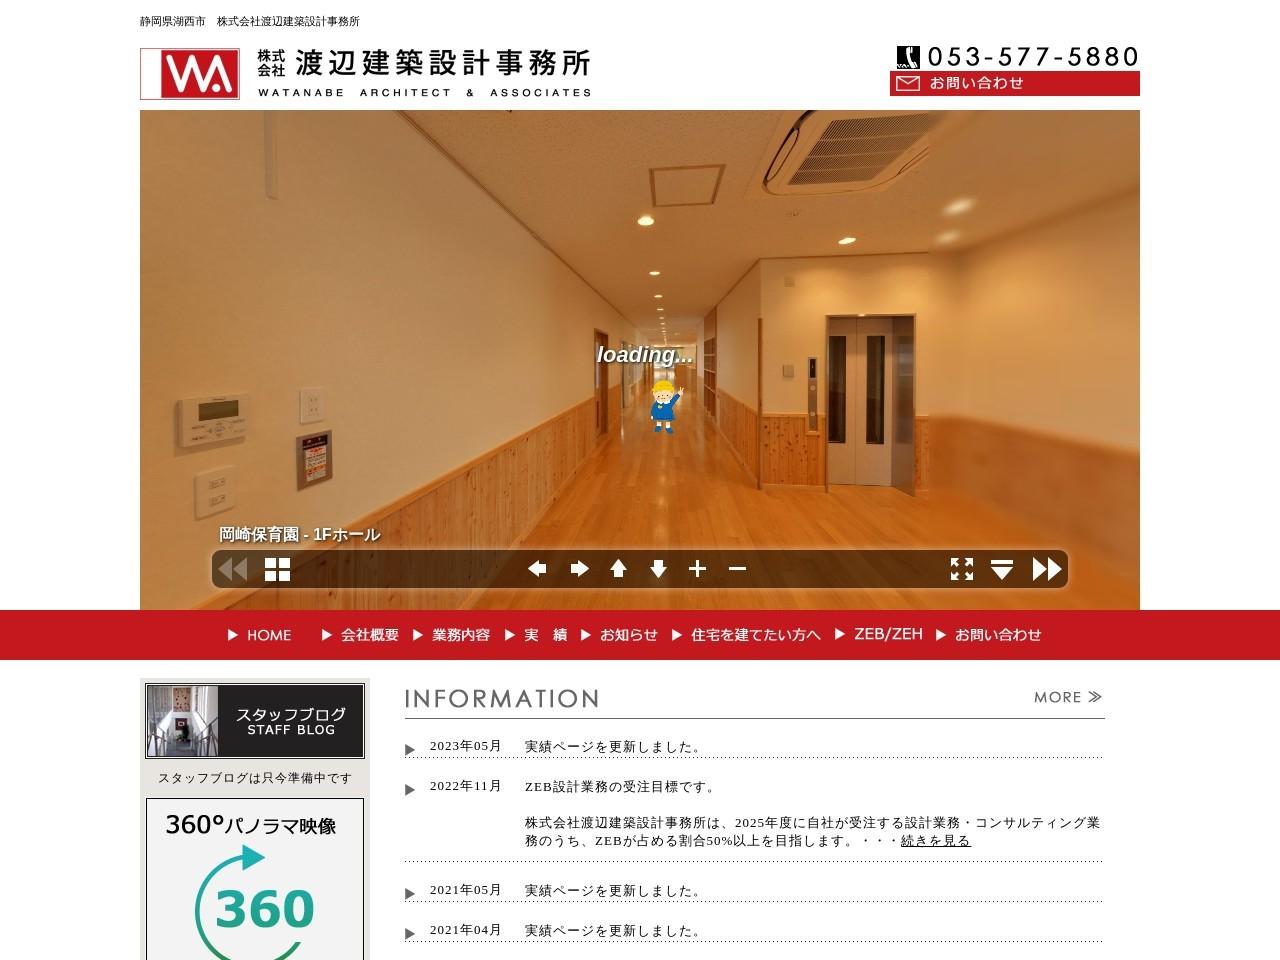 株式会社渡辺建築設計事務所